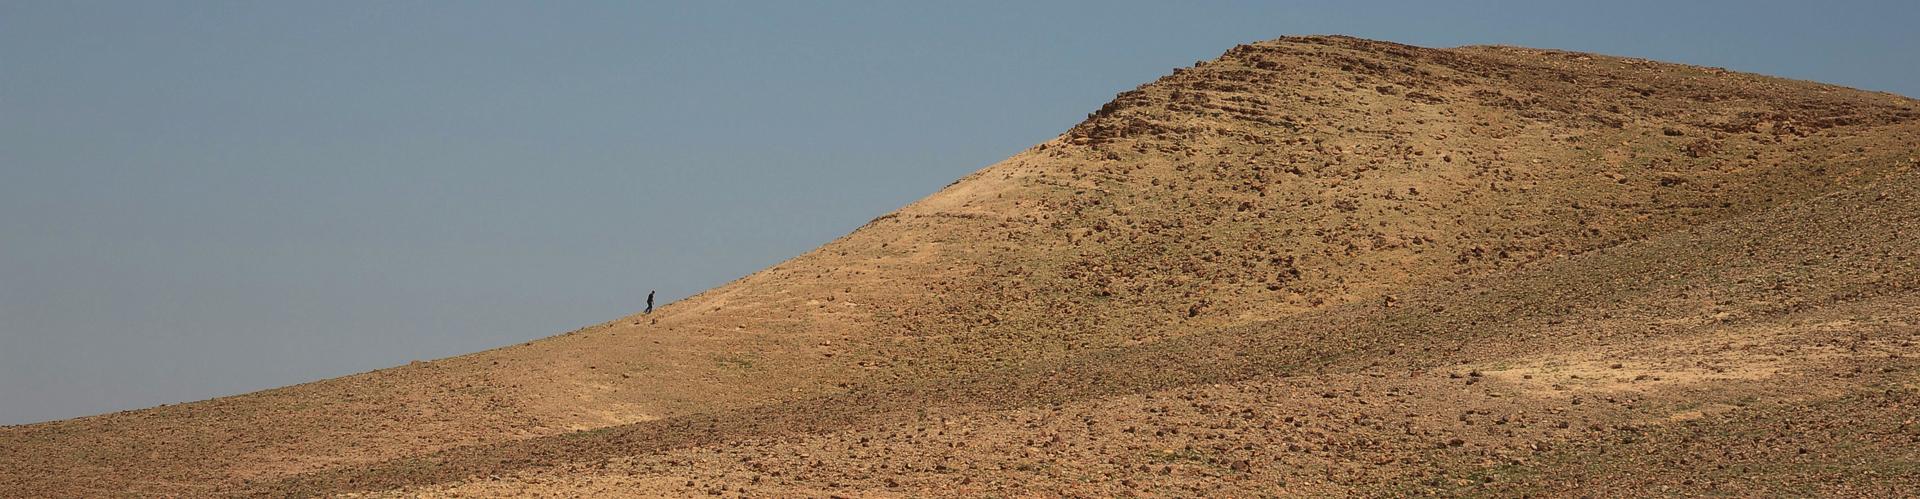 יואל שתרוג - אדמה יוצרת - yoel sitruk -המדבר מדבר - נגב - מדבר